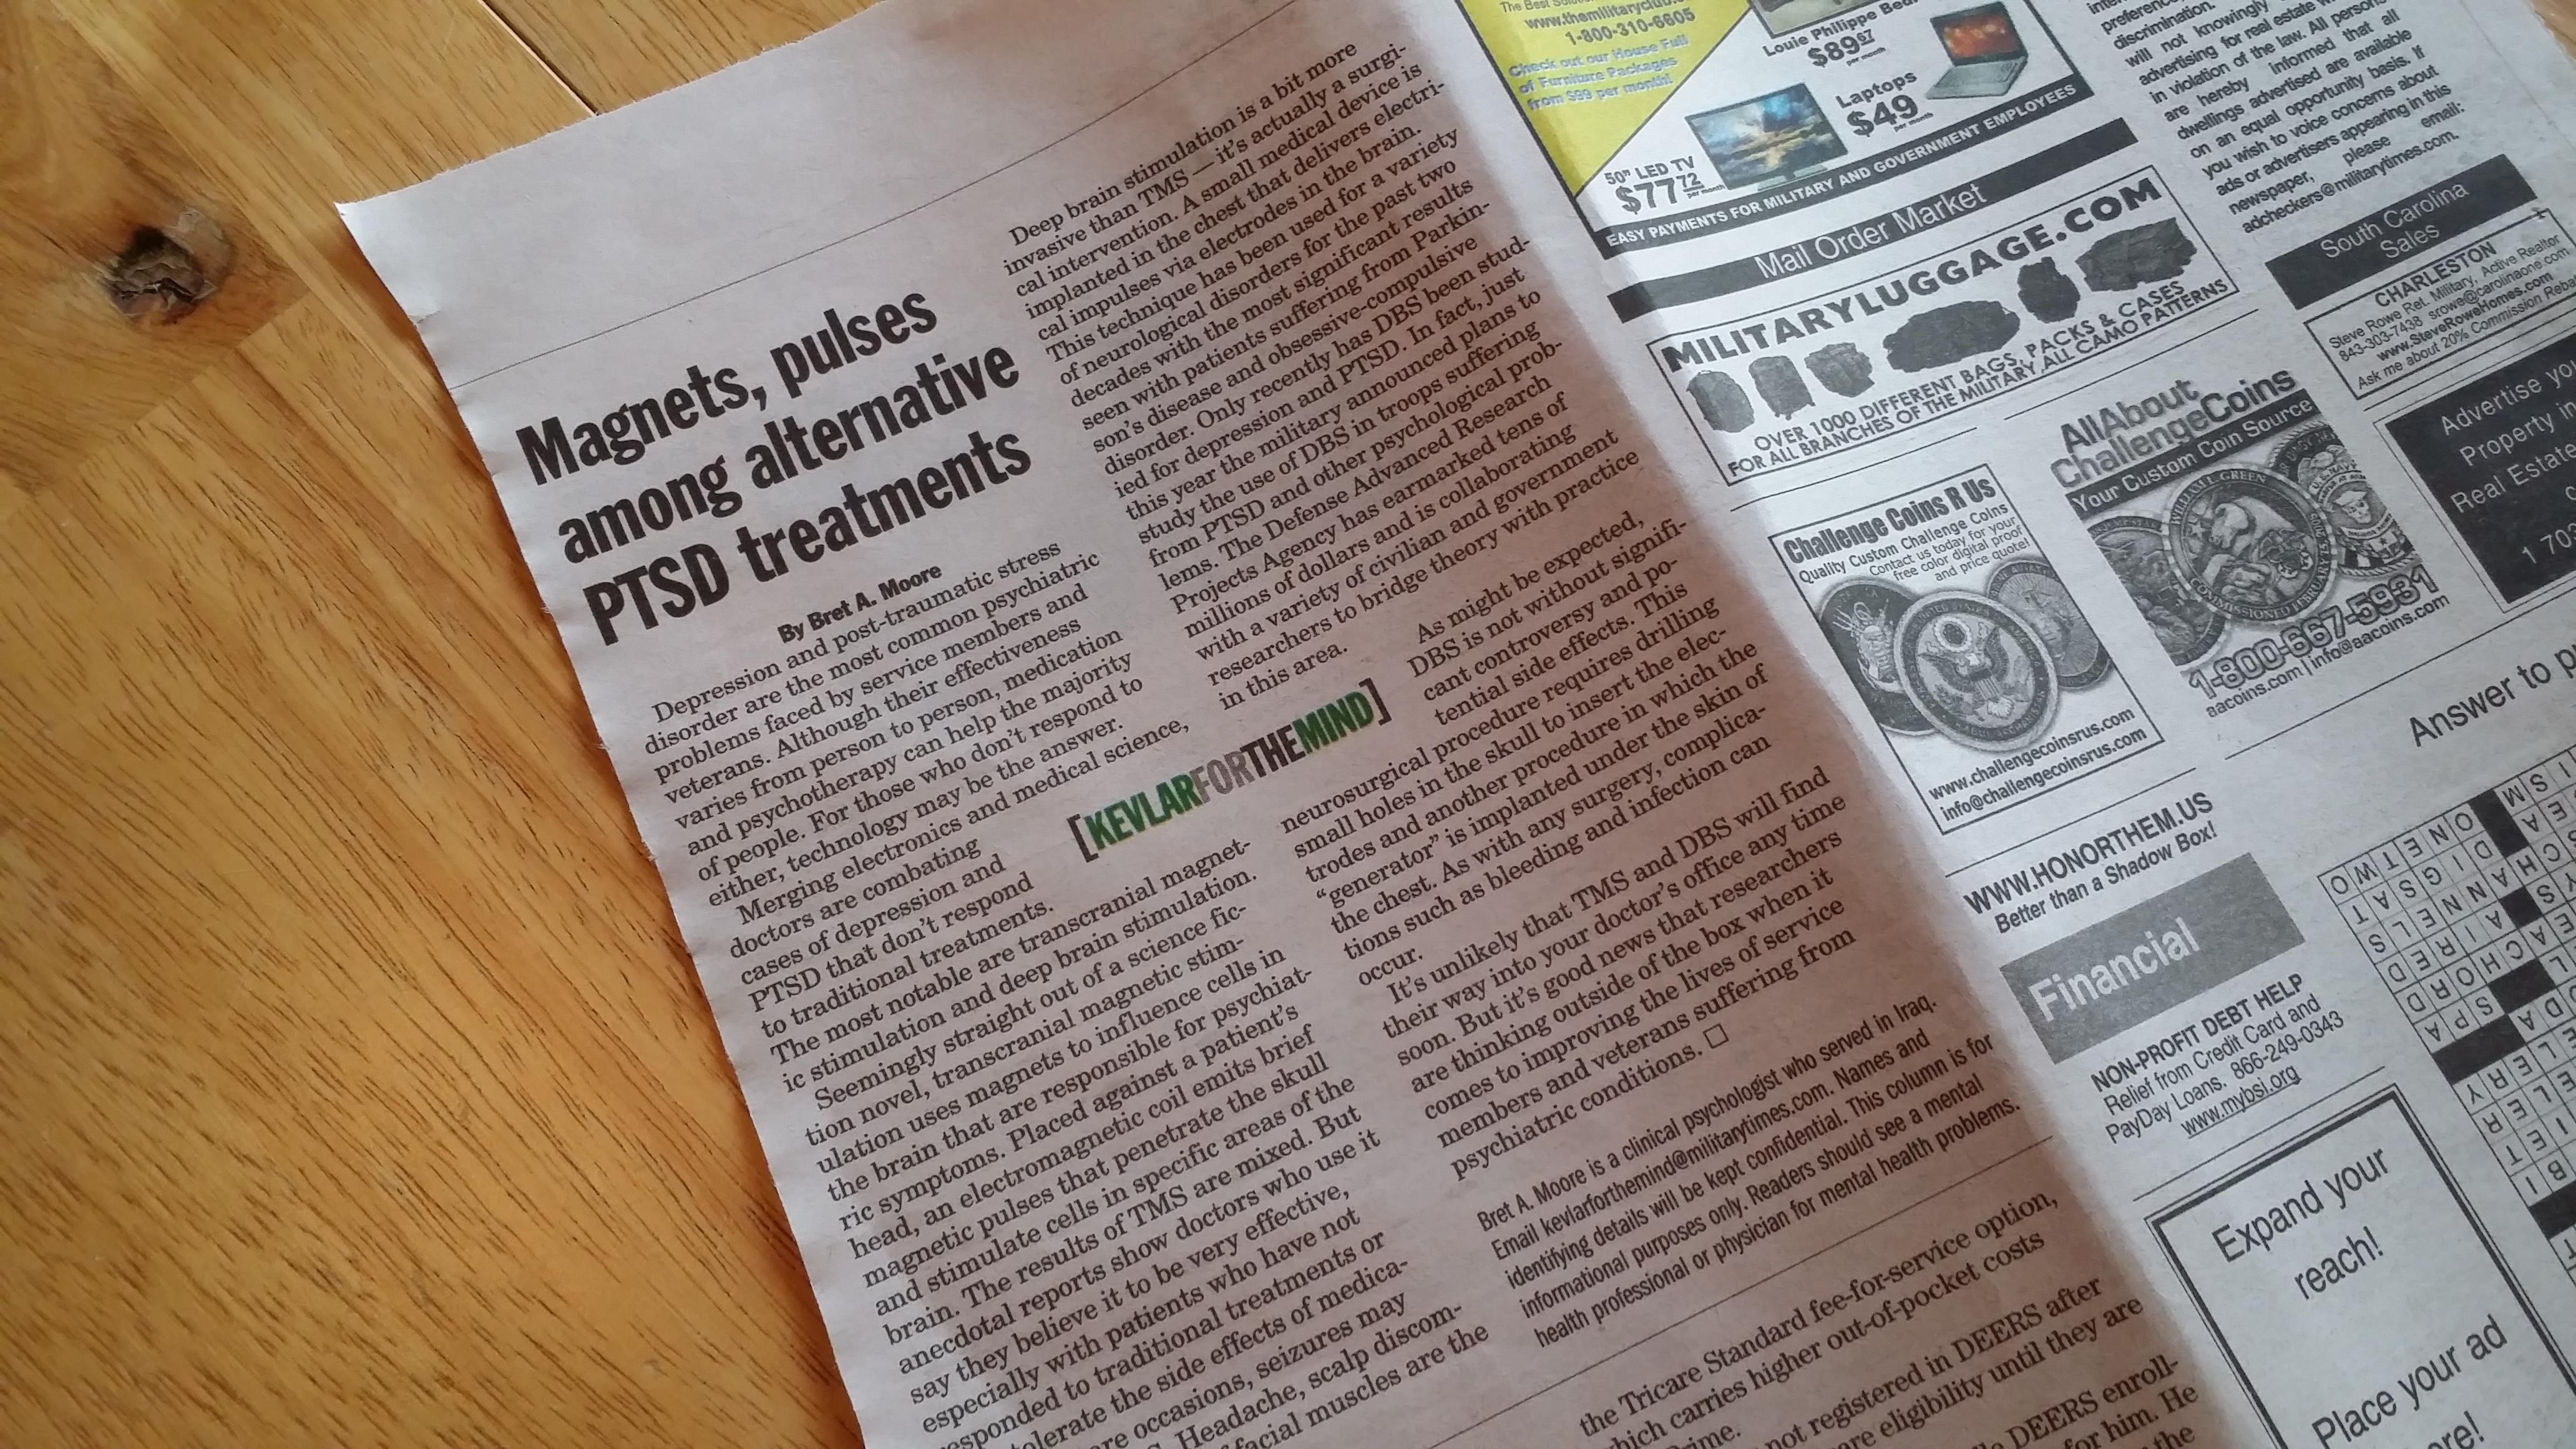 Day 5 - Newspaper Print Nails - Cornfed CrunchyCornfed Crunchy